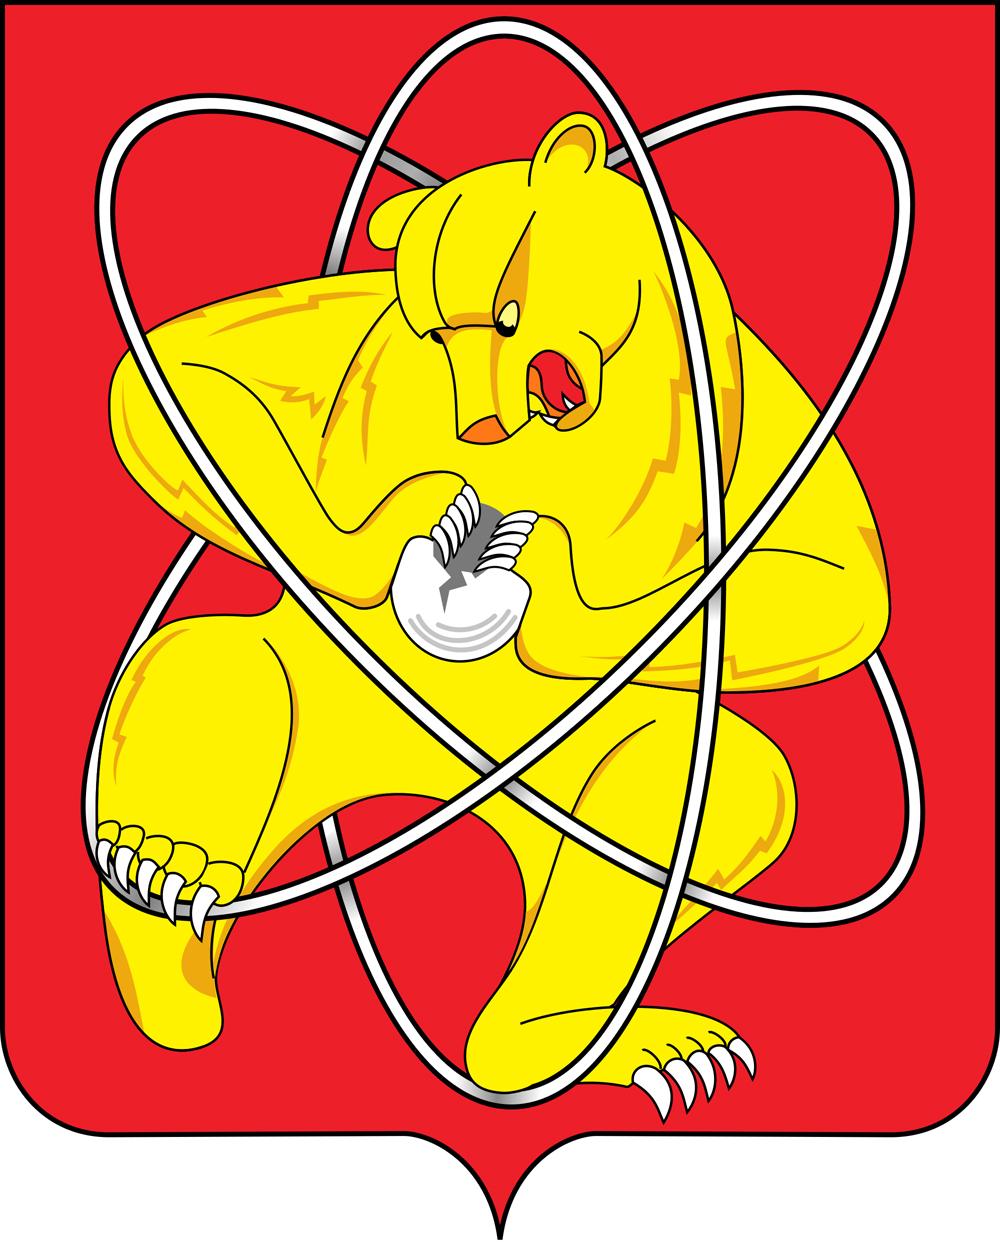 Grb Željeznogorska (Krasnojarski kraj, 3800 km istočno od Moskve).